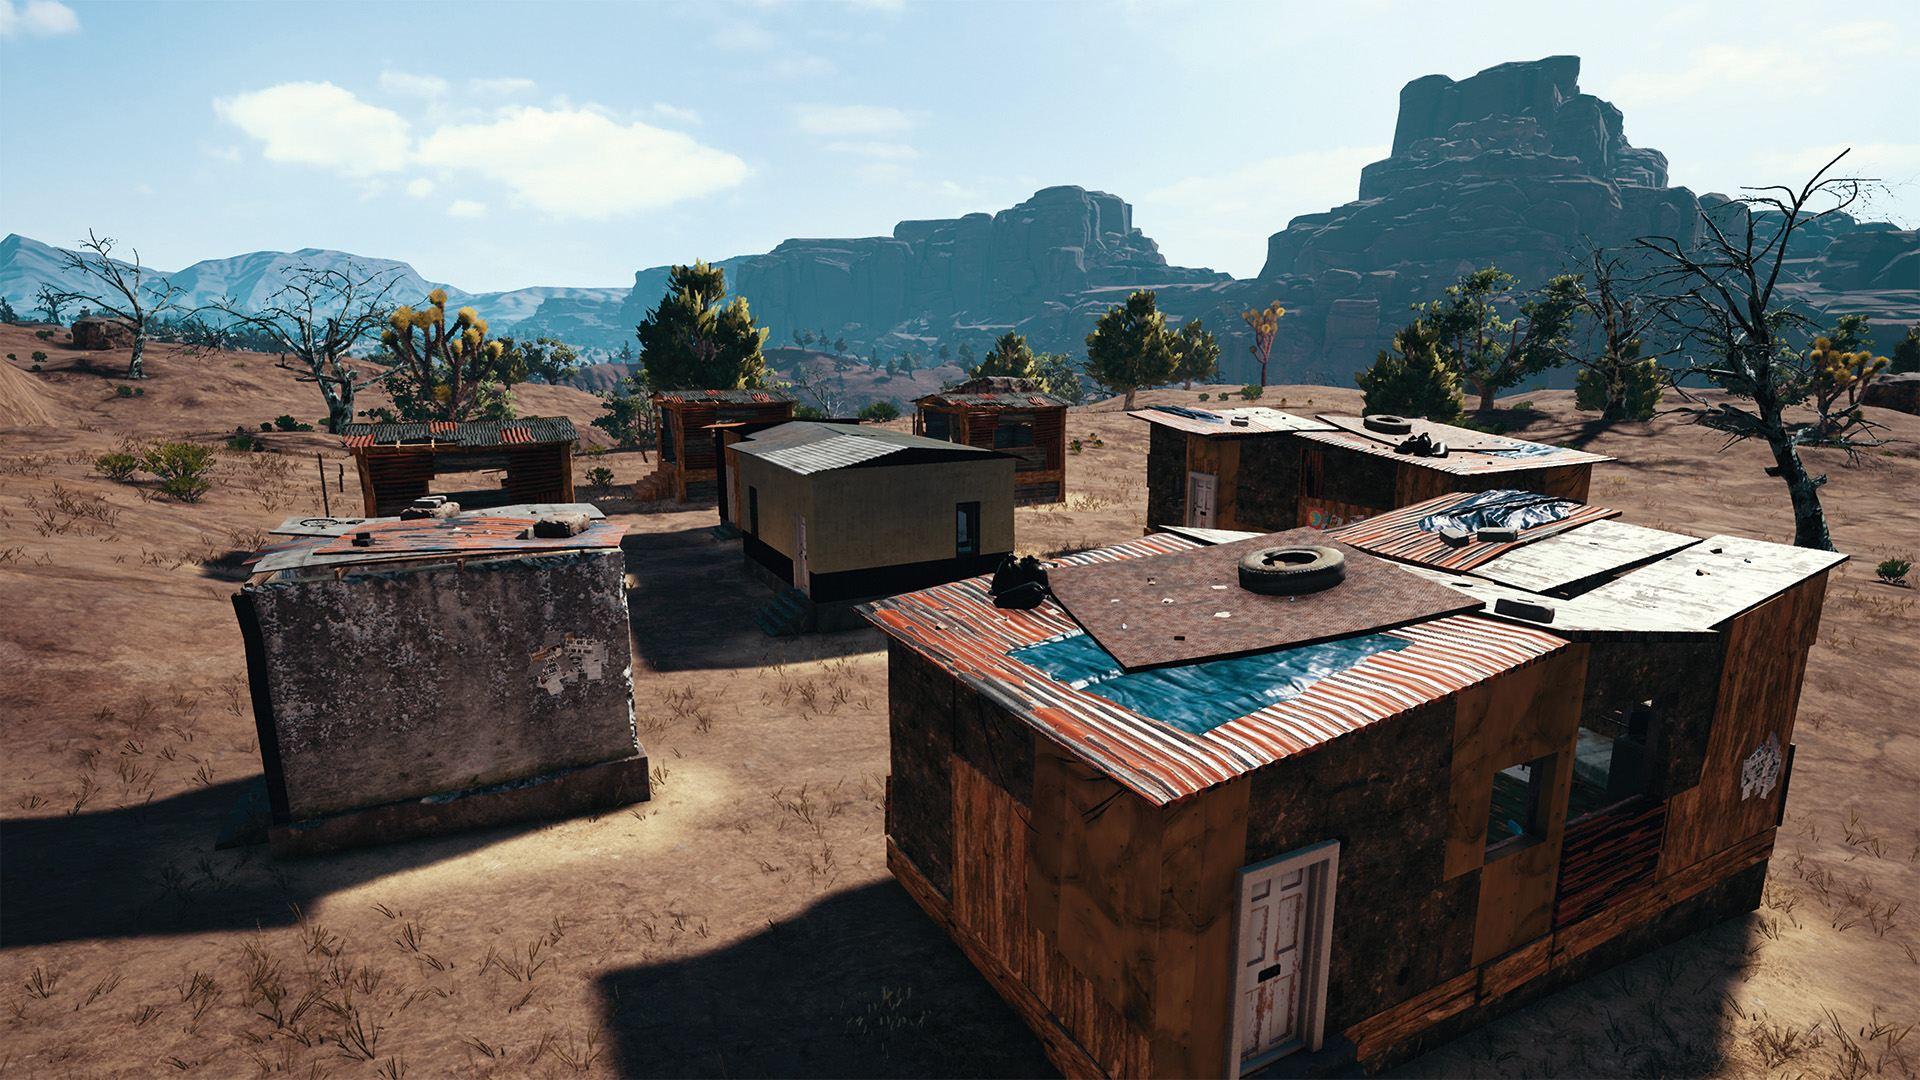 Пустынная карта в Playerunknown's Battlegrounds получила название Мирамар